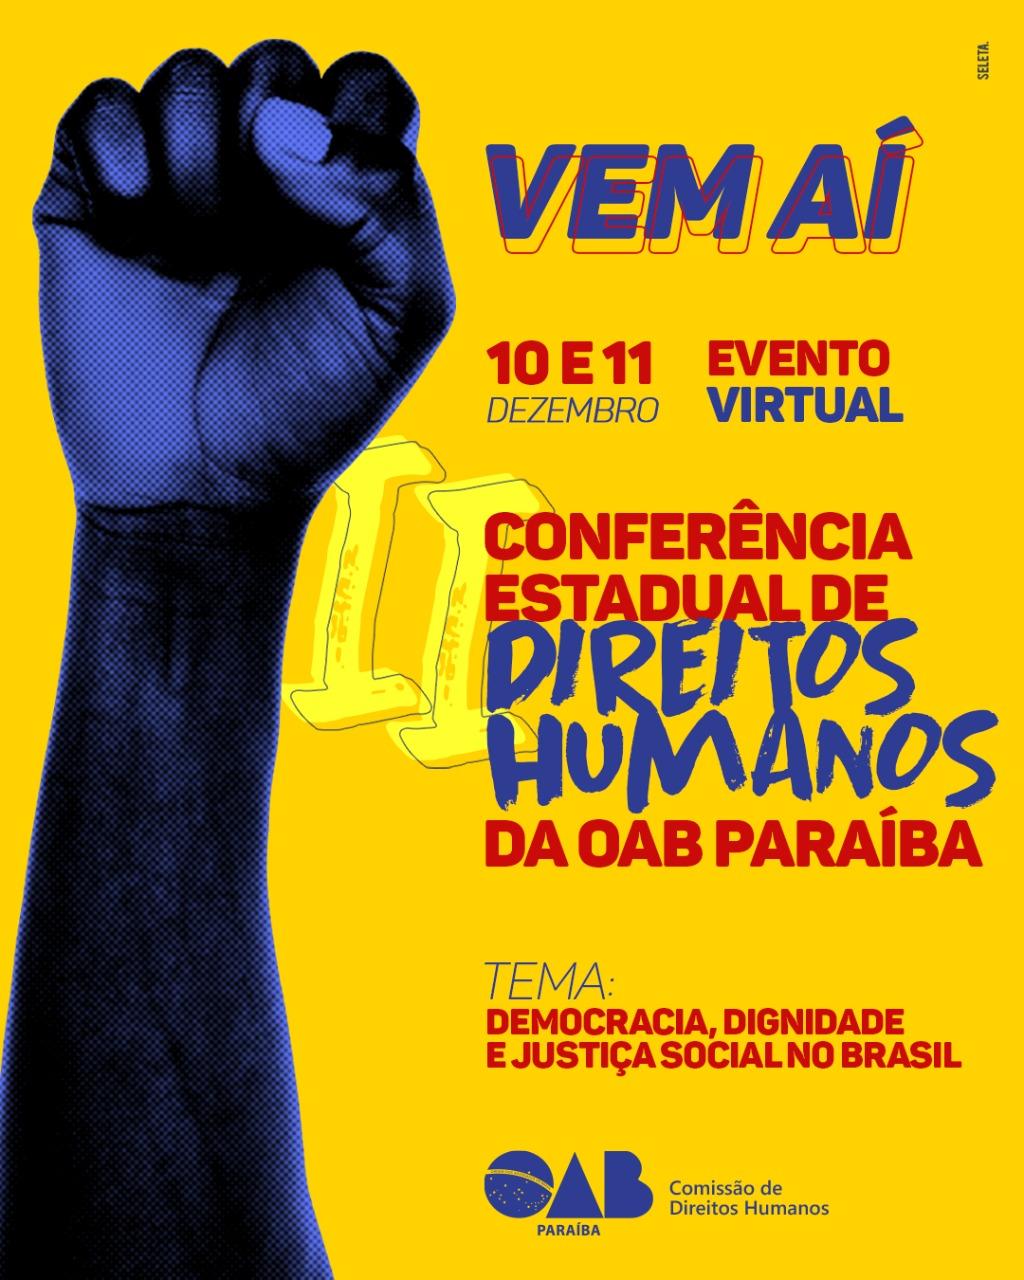 OAB-PB realizará II Conferência Estadual de Direitos Humanos nos dias 10 e 11 de dezembro; participe